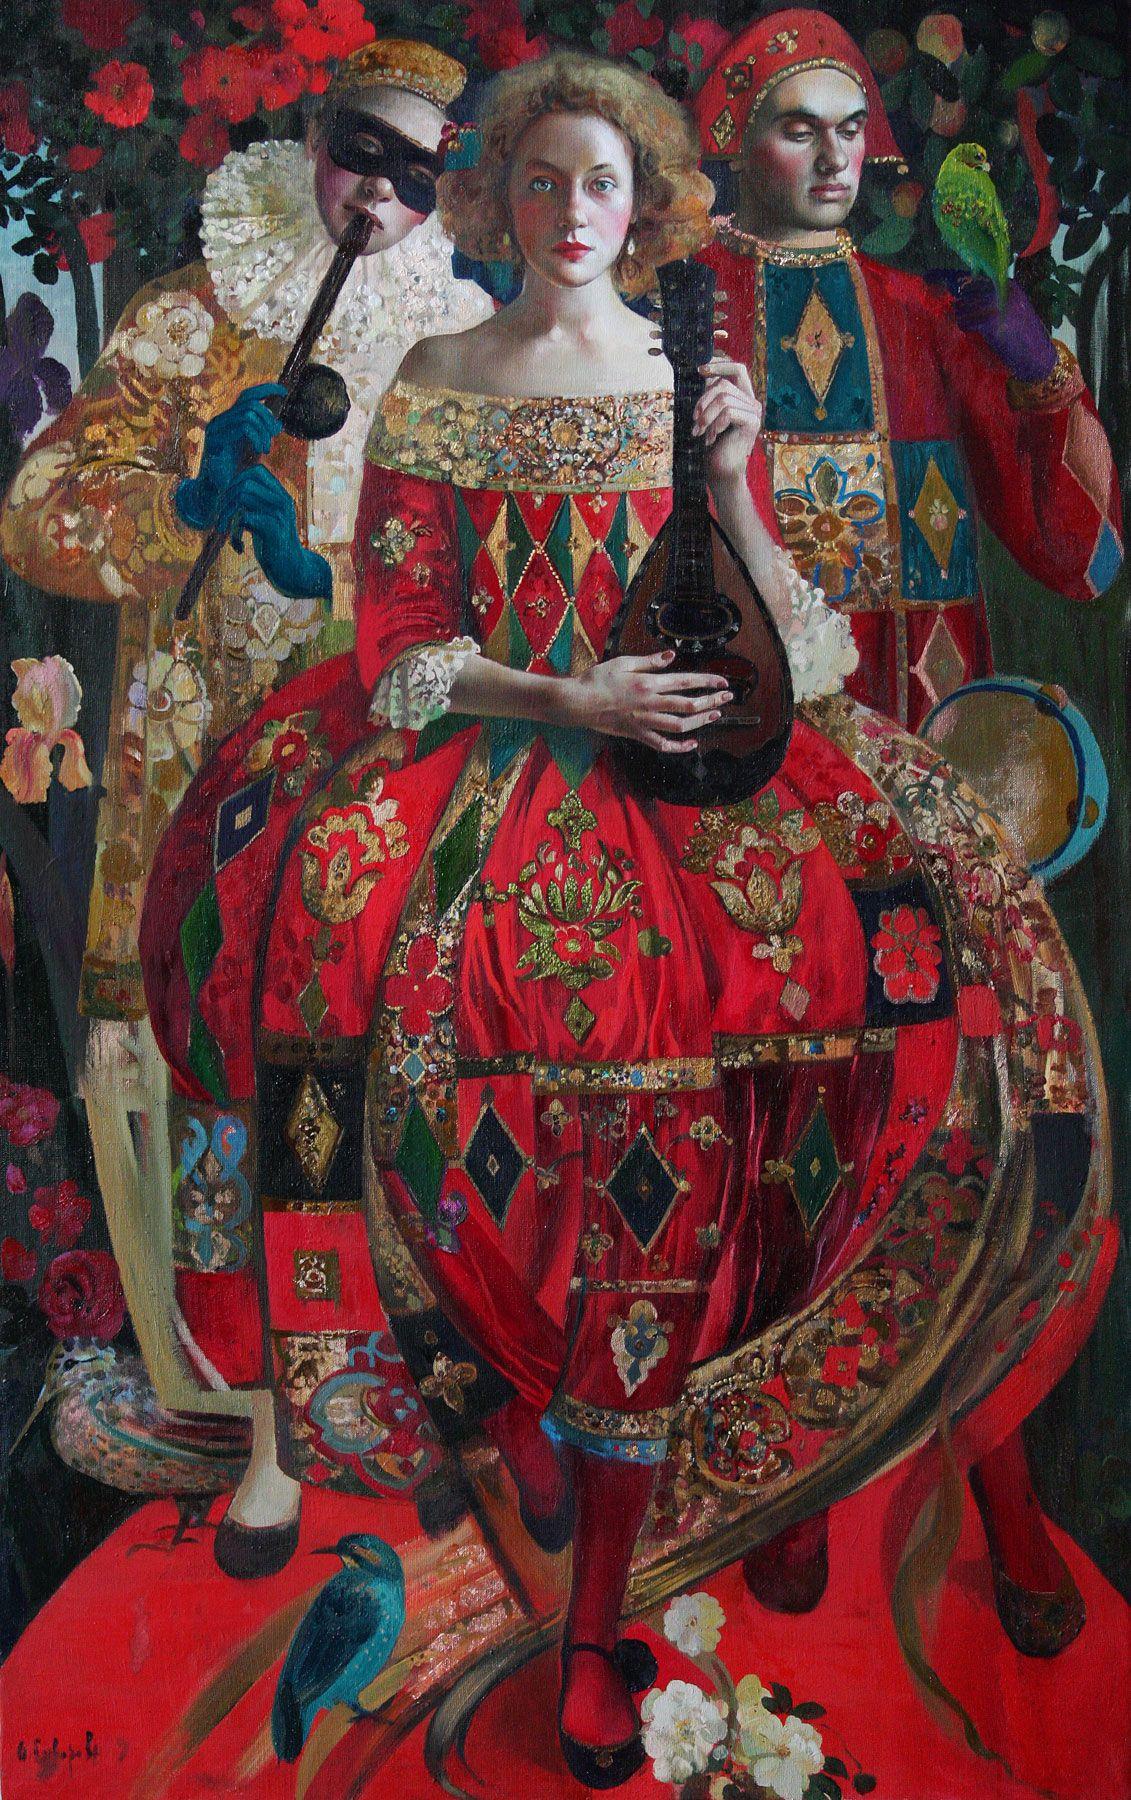 dancer.jpg (JPEG-Grafik, 1131 × 1800 Pixel)